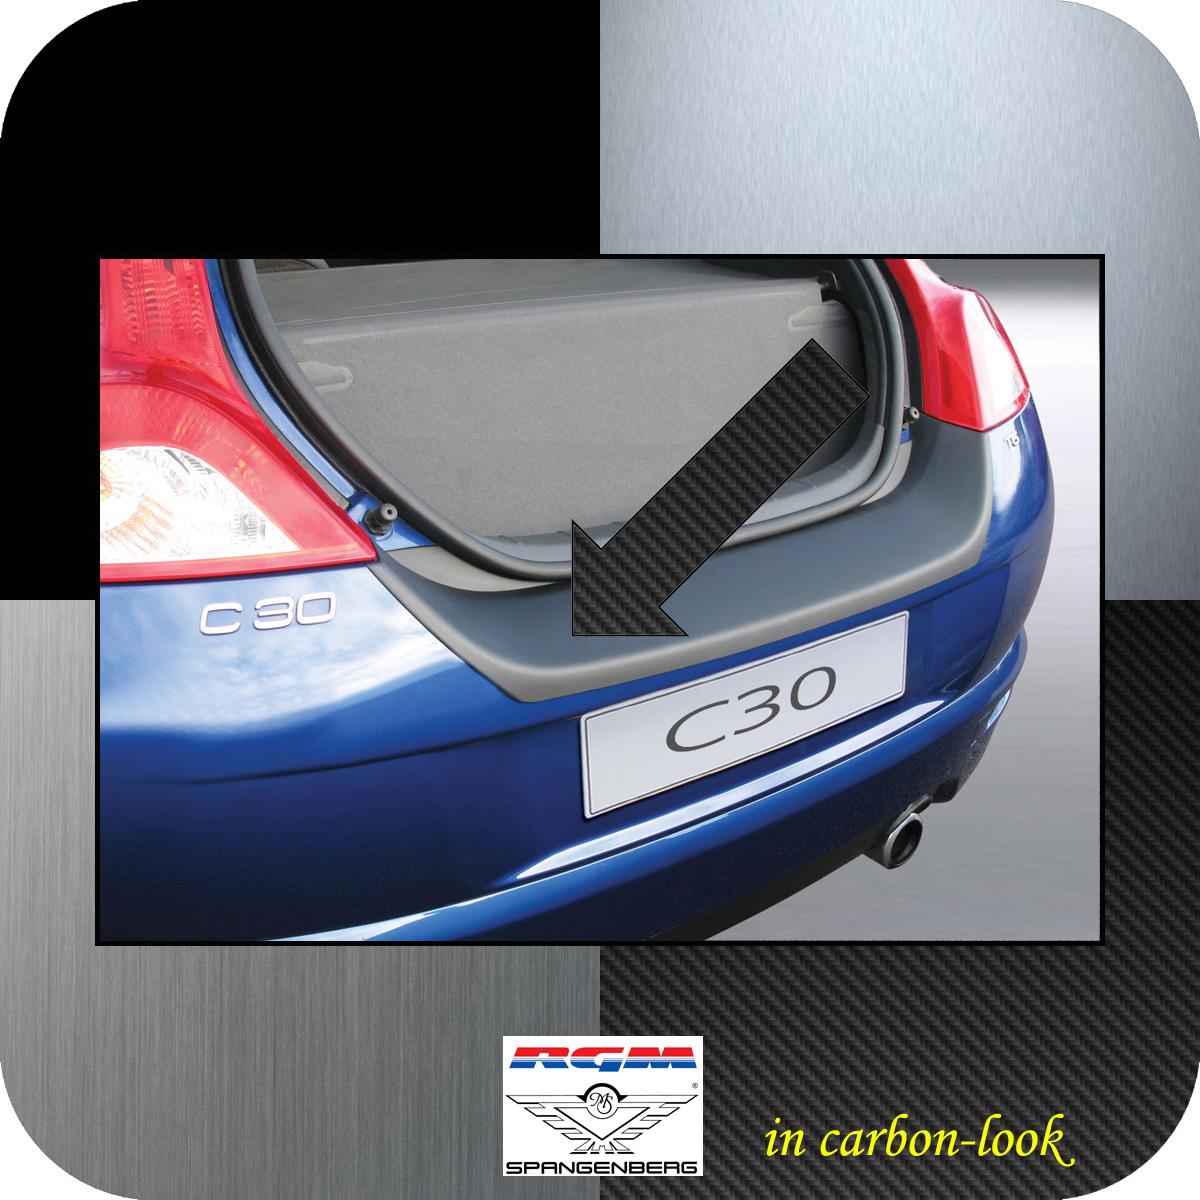 Ladekantenschutz Carbon-Look Volvo C30 Kombicoupe 3-Türer 2006-2012 3509410